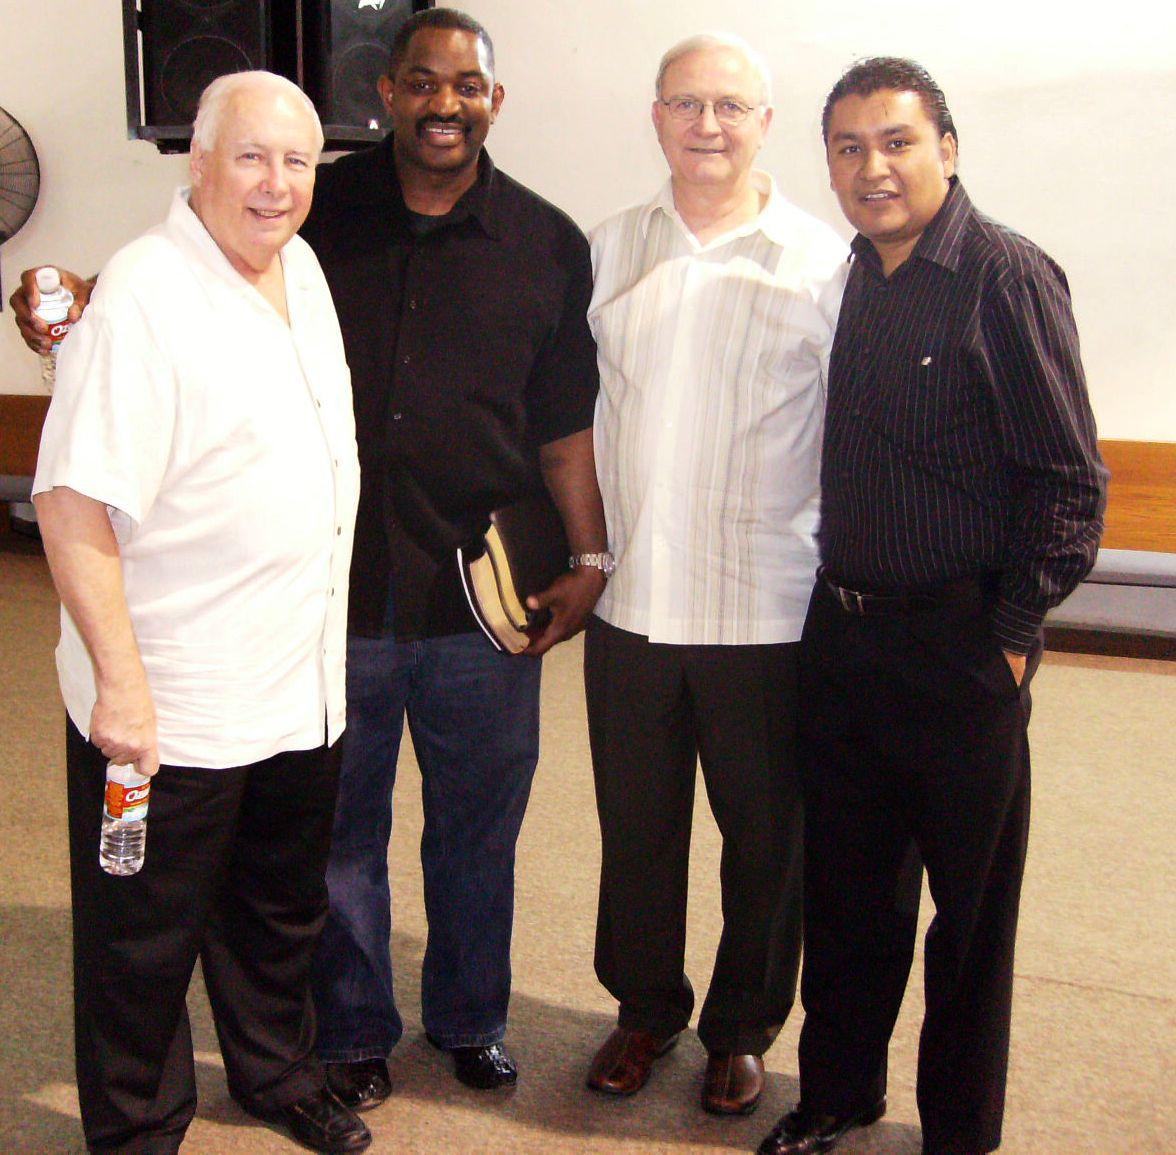 Pastor Jonathan con los pastores Bob Philipps y Billy Burton de la iglesia Encourager de Houston, TX.